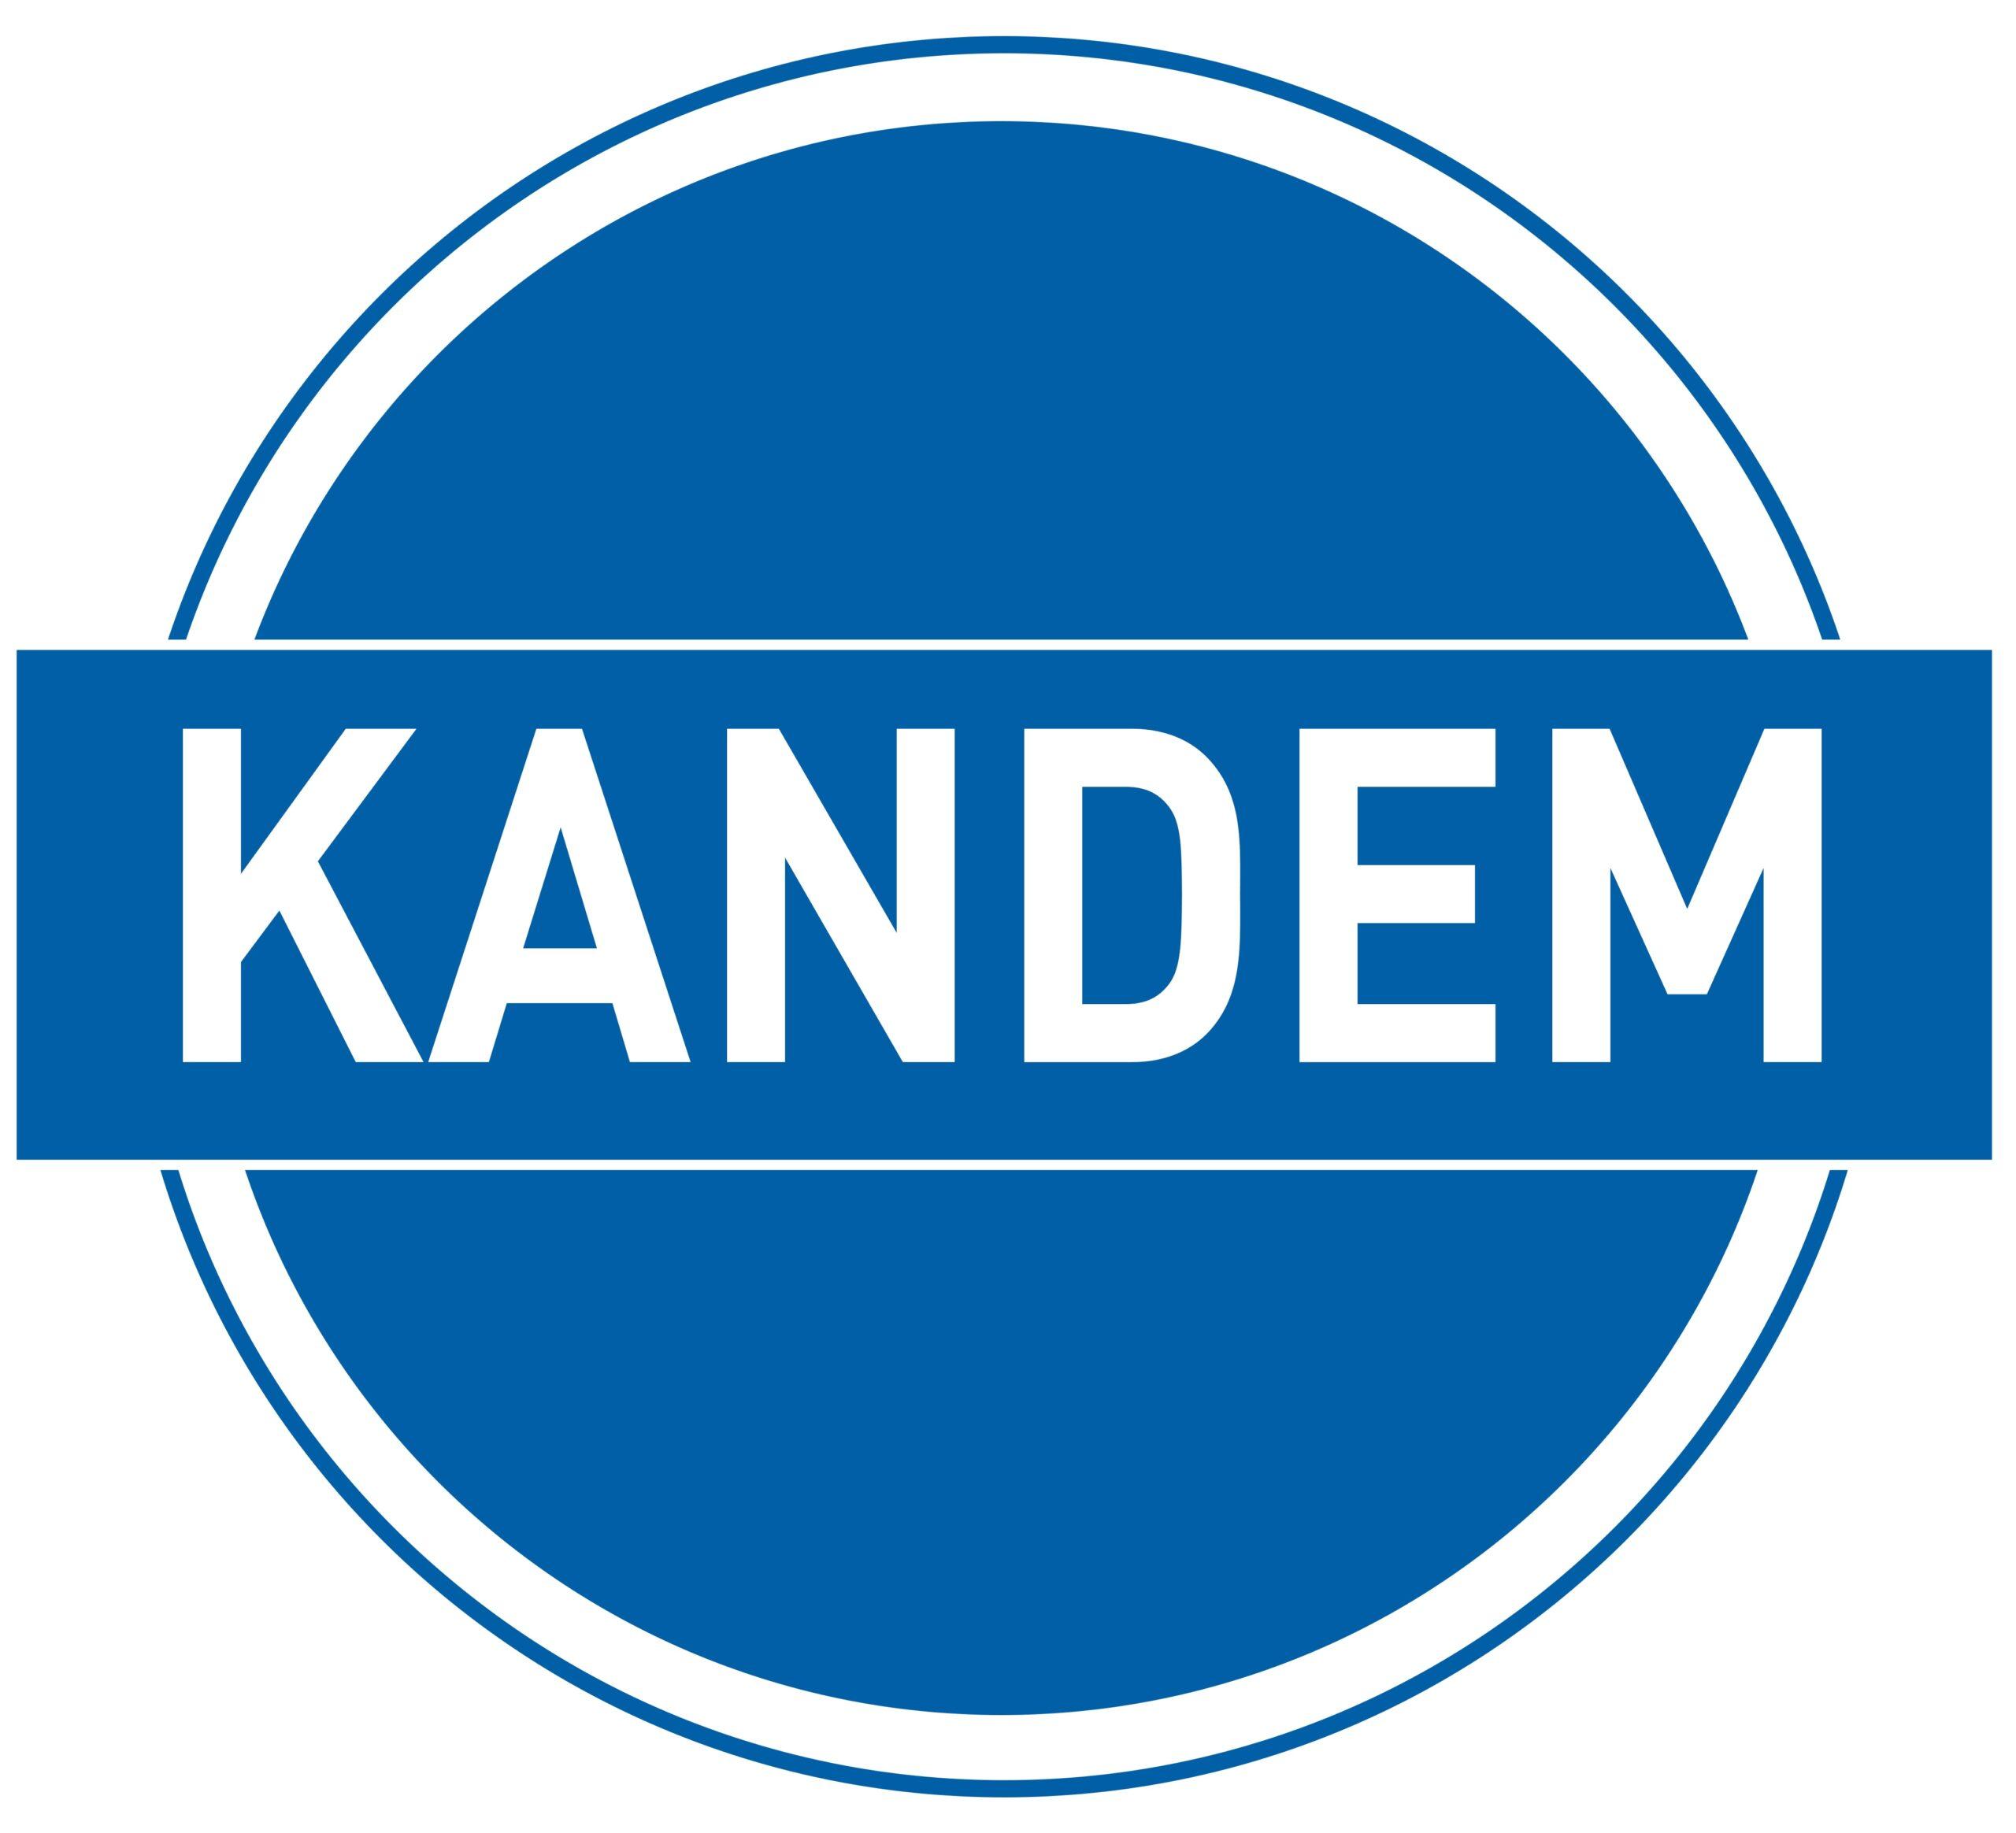 Kandem Leuchten GmbH